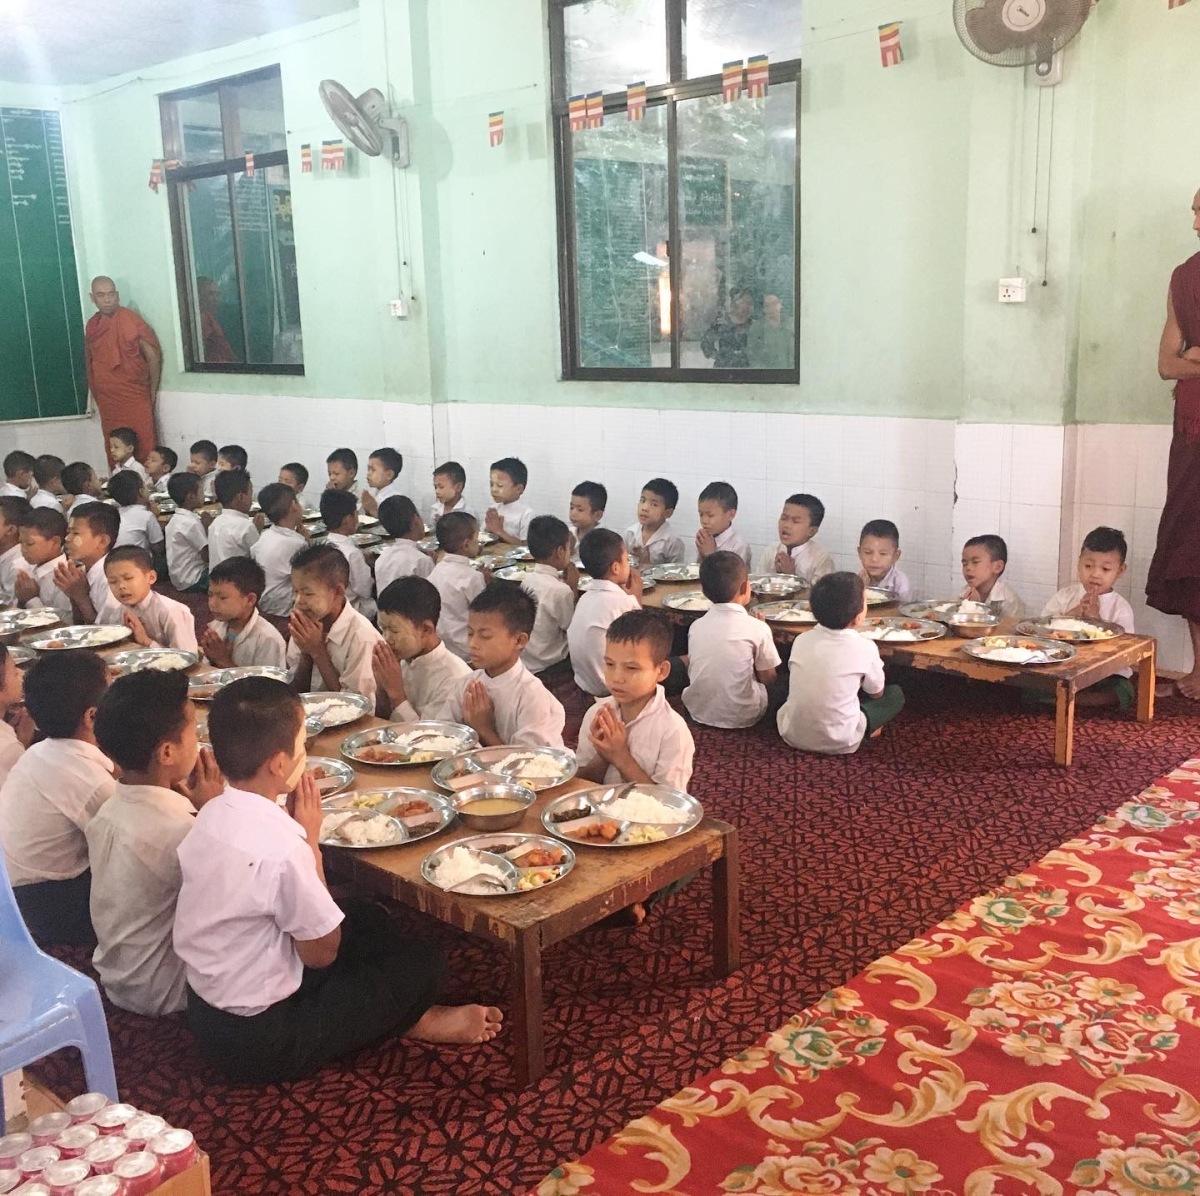 Une journée dans un orphelinat tenu par desmoines